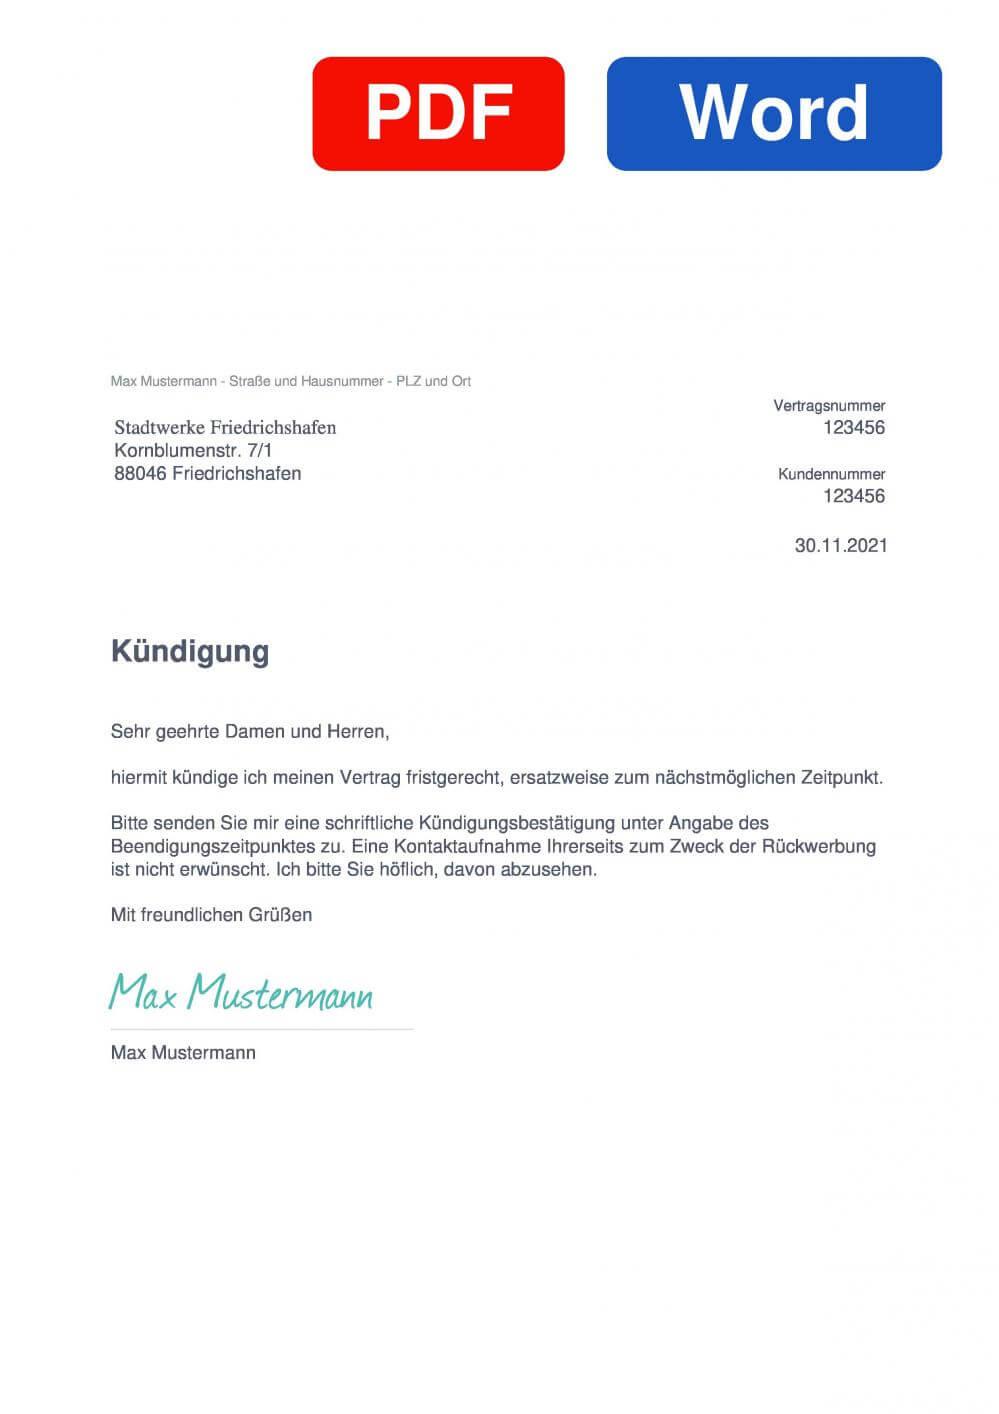 Stadtwerke Friedrichshafen Muster Vorlage für Kündigungsschreiben